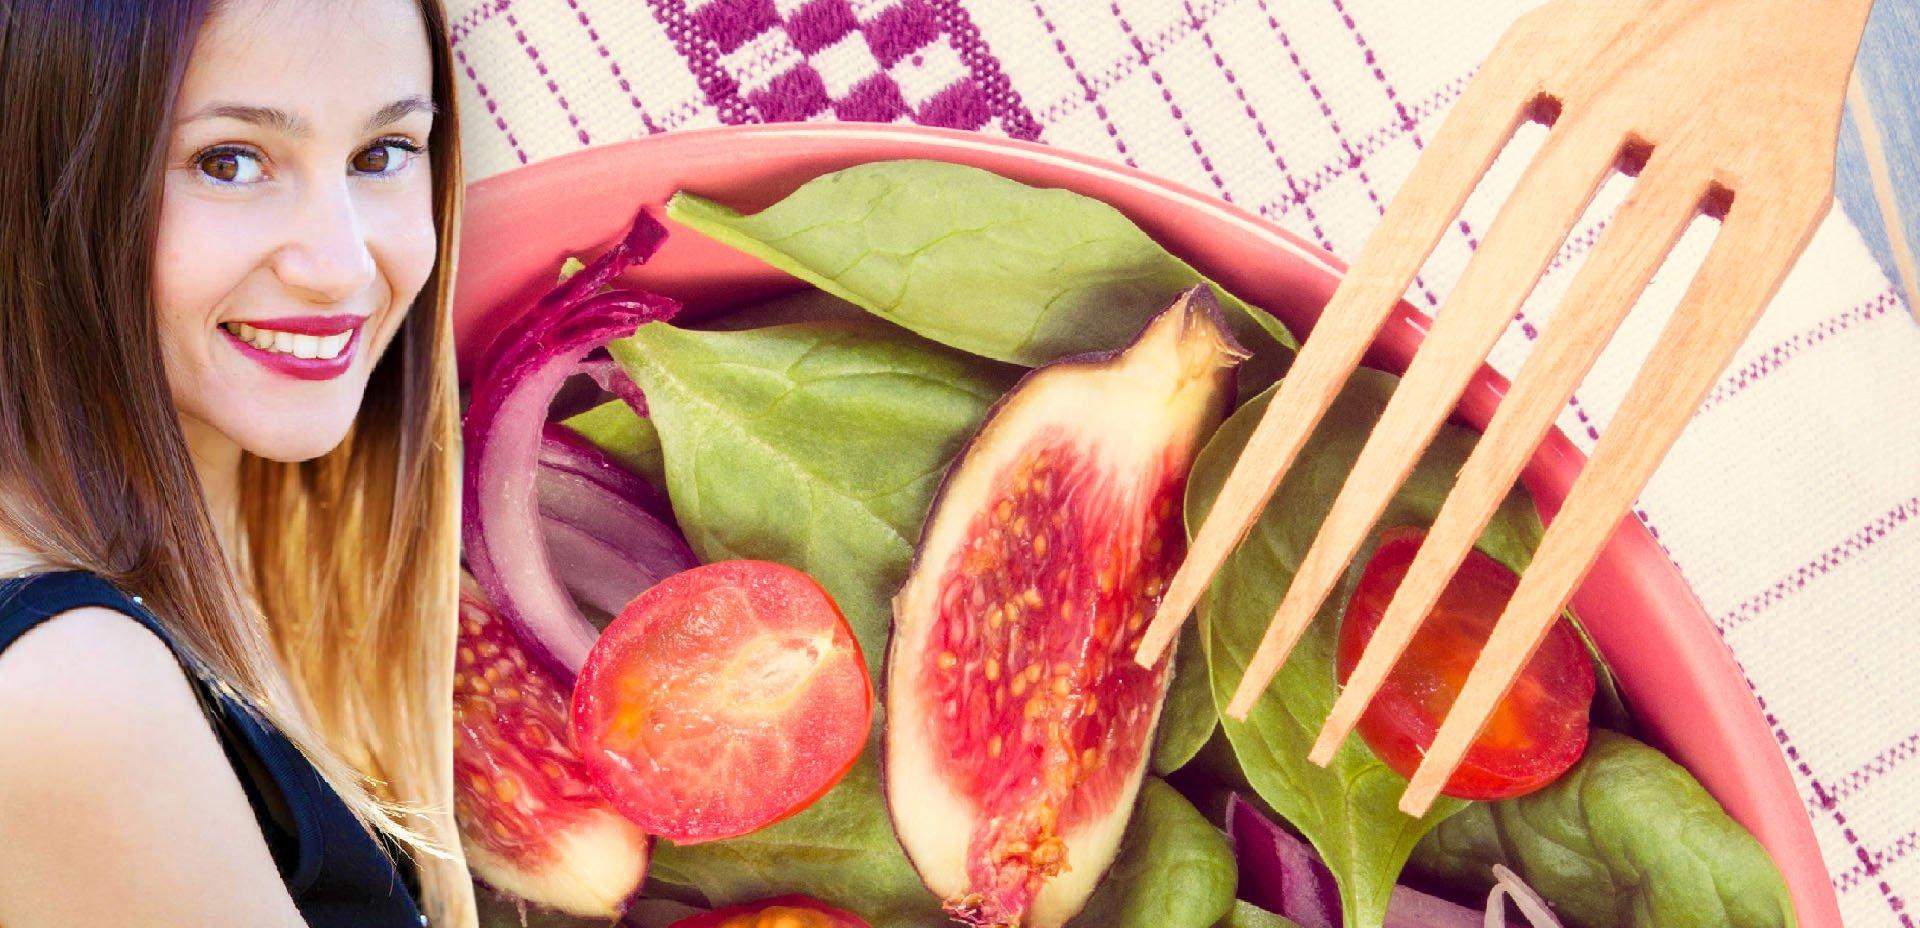 Tre passi per cambiare alimentazione